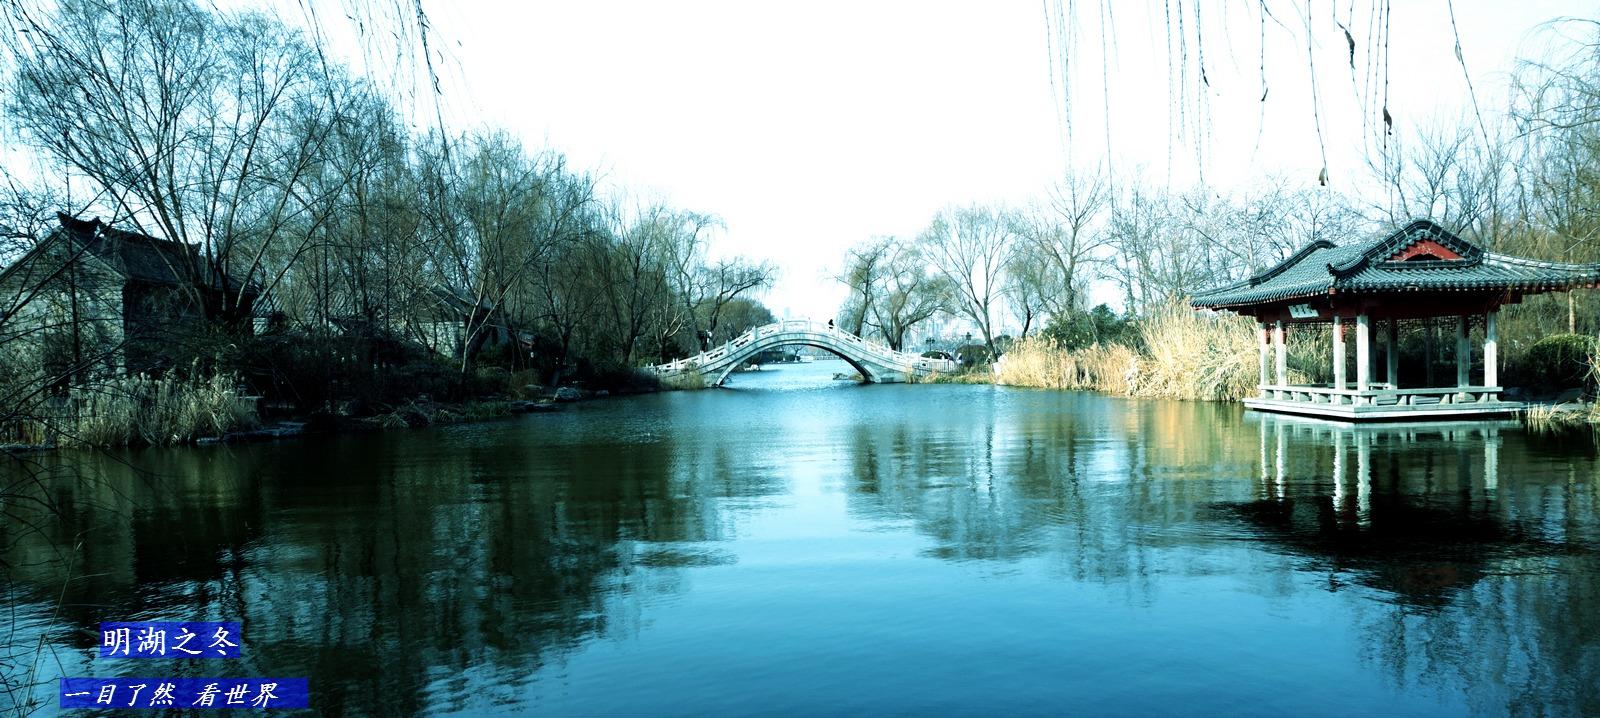 明湖之冬-6-1600.jpg